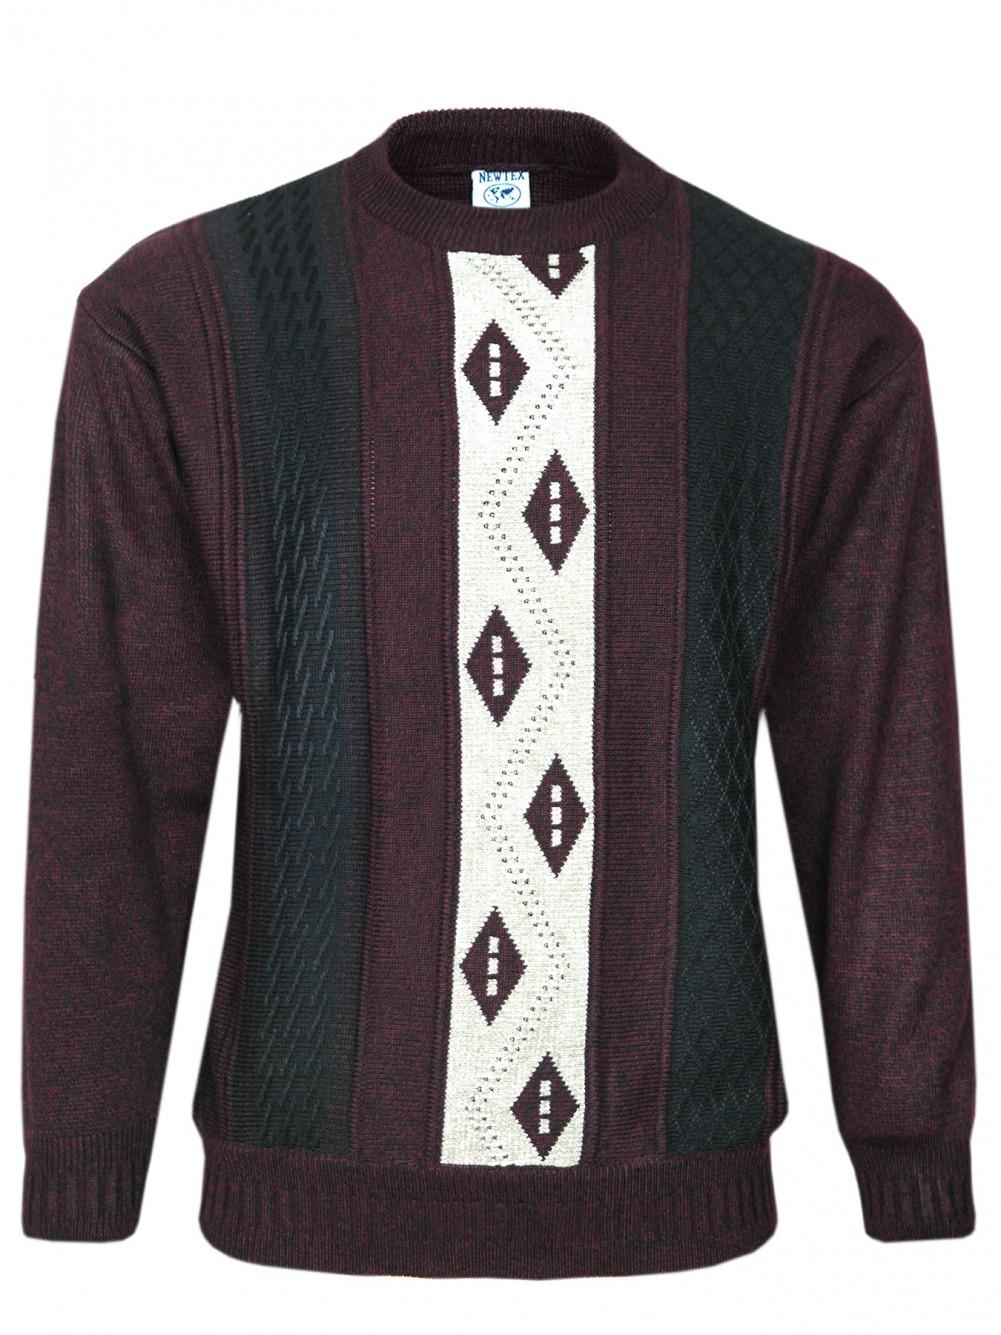 Herren Rundhalspullover Longsleeve Pullover